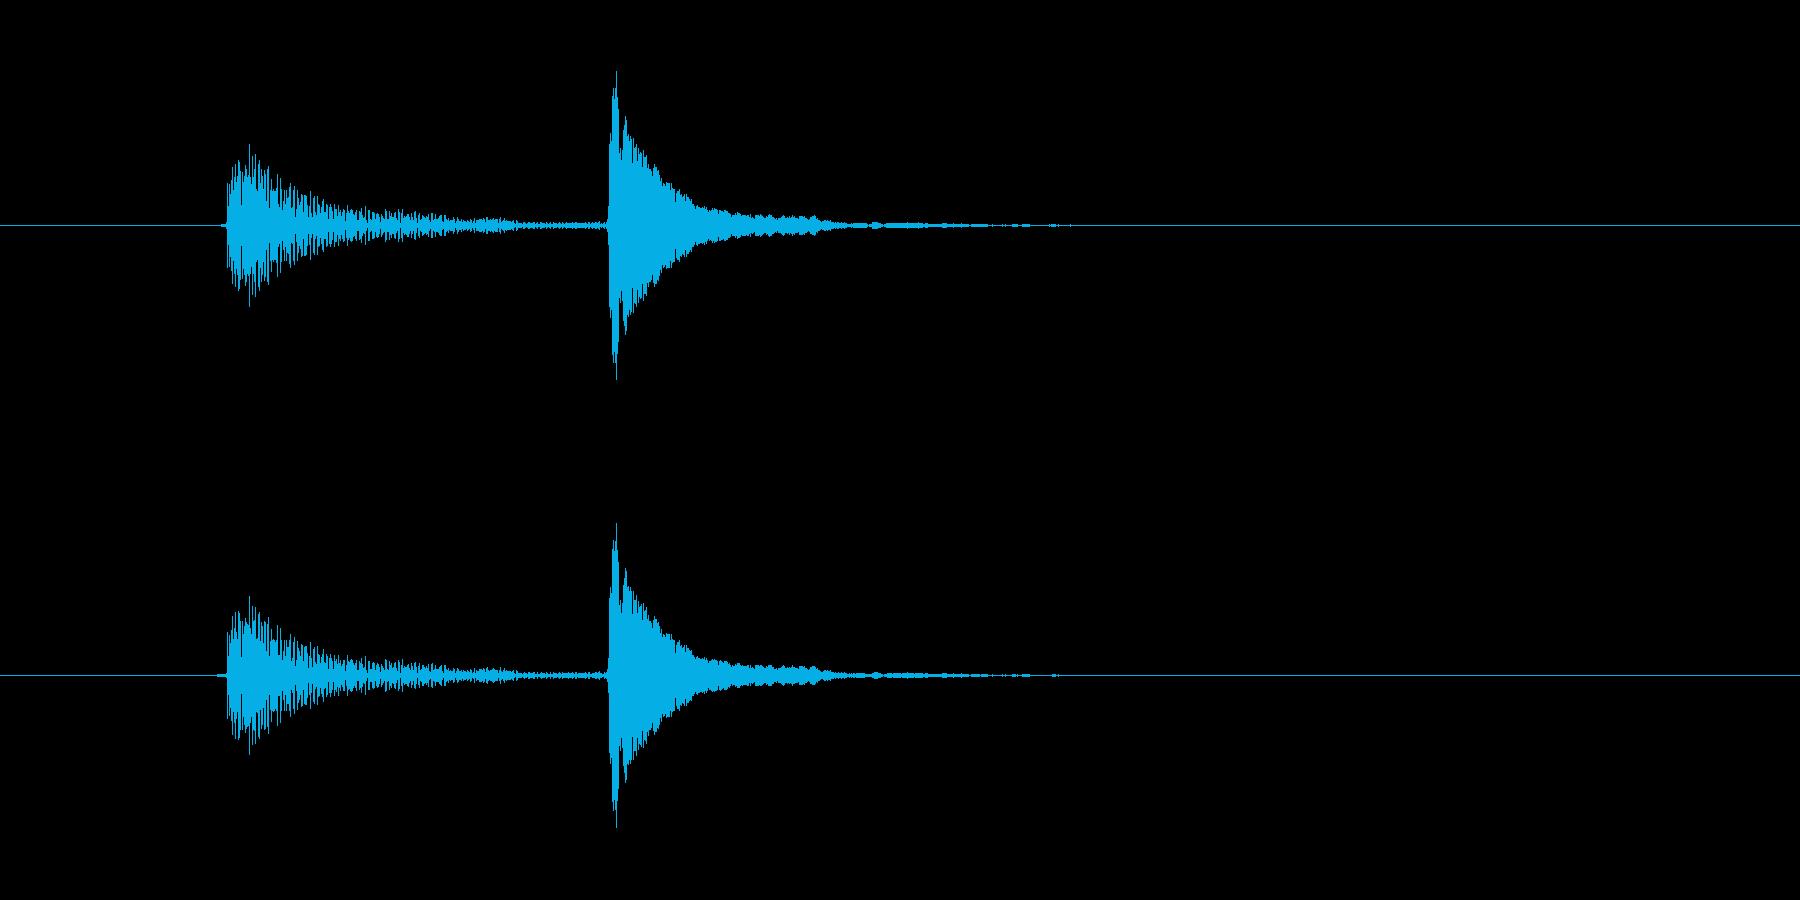 「ポコッ(軽い打撃音)」の再生済みの波形